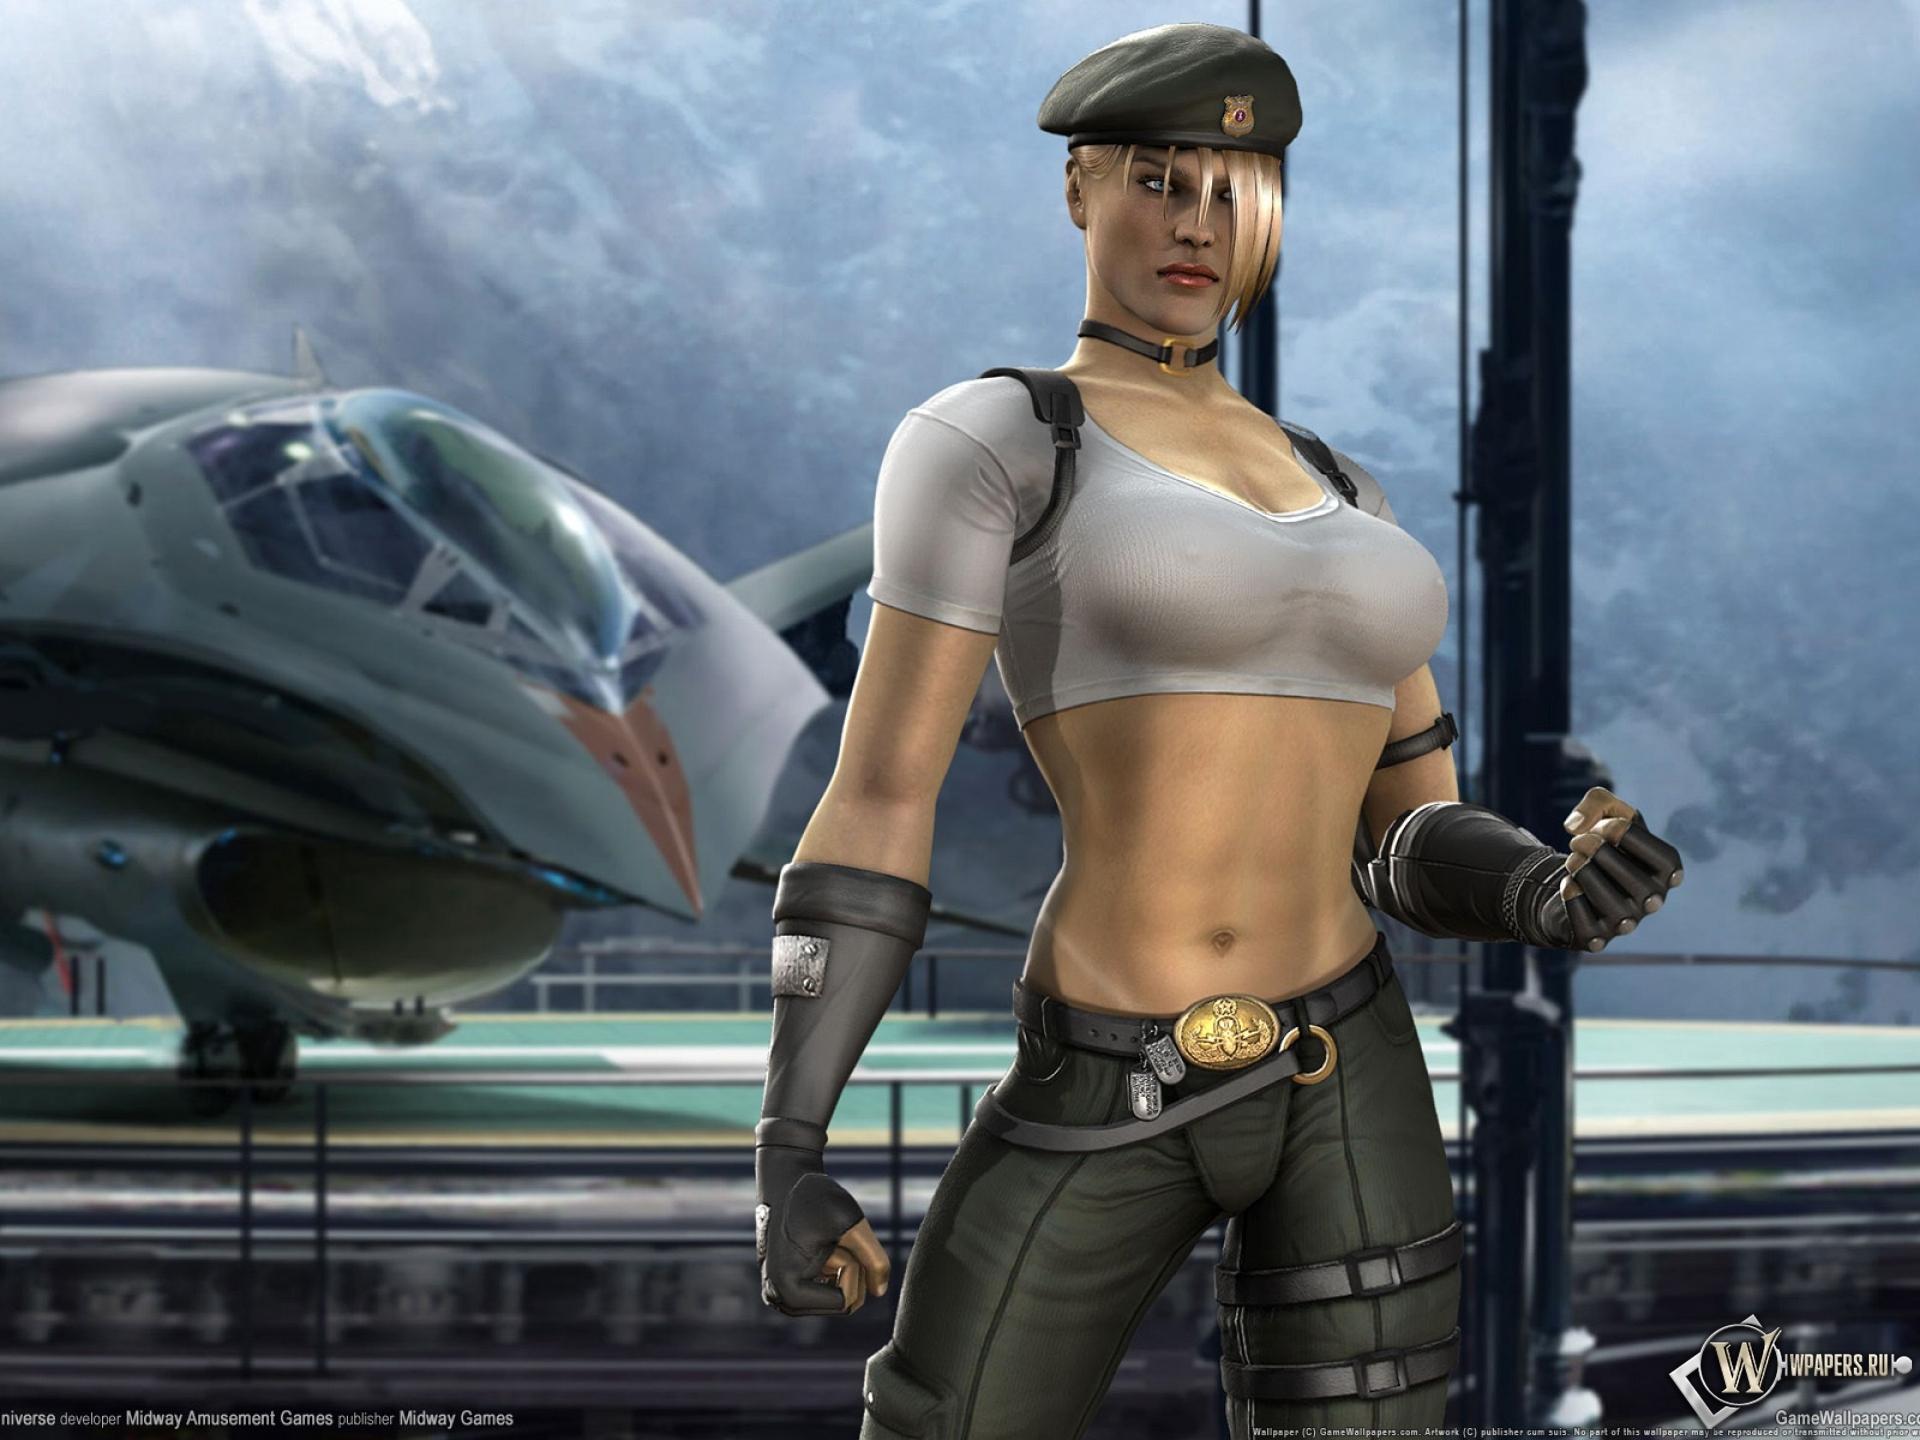 Сексуальные девушки в компьютерных играх 20 фотография